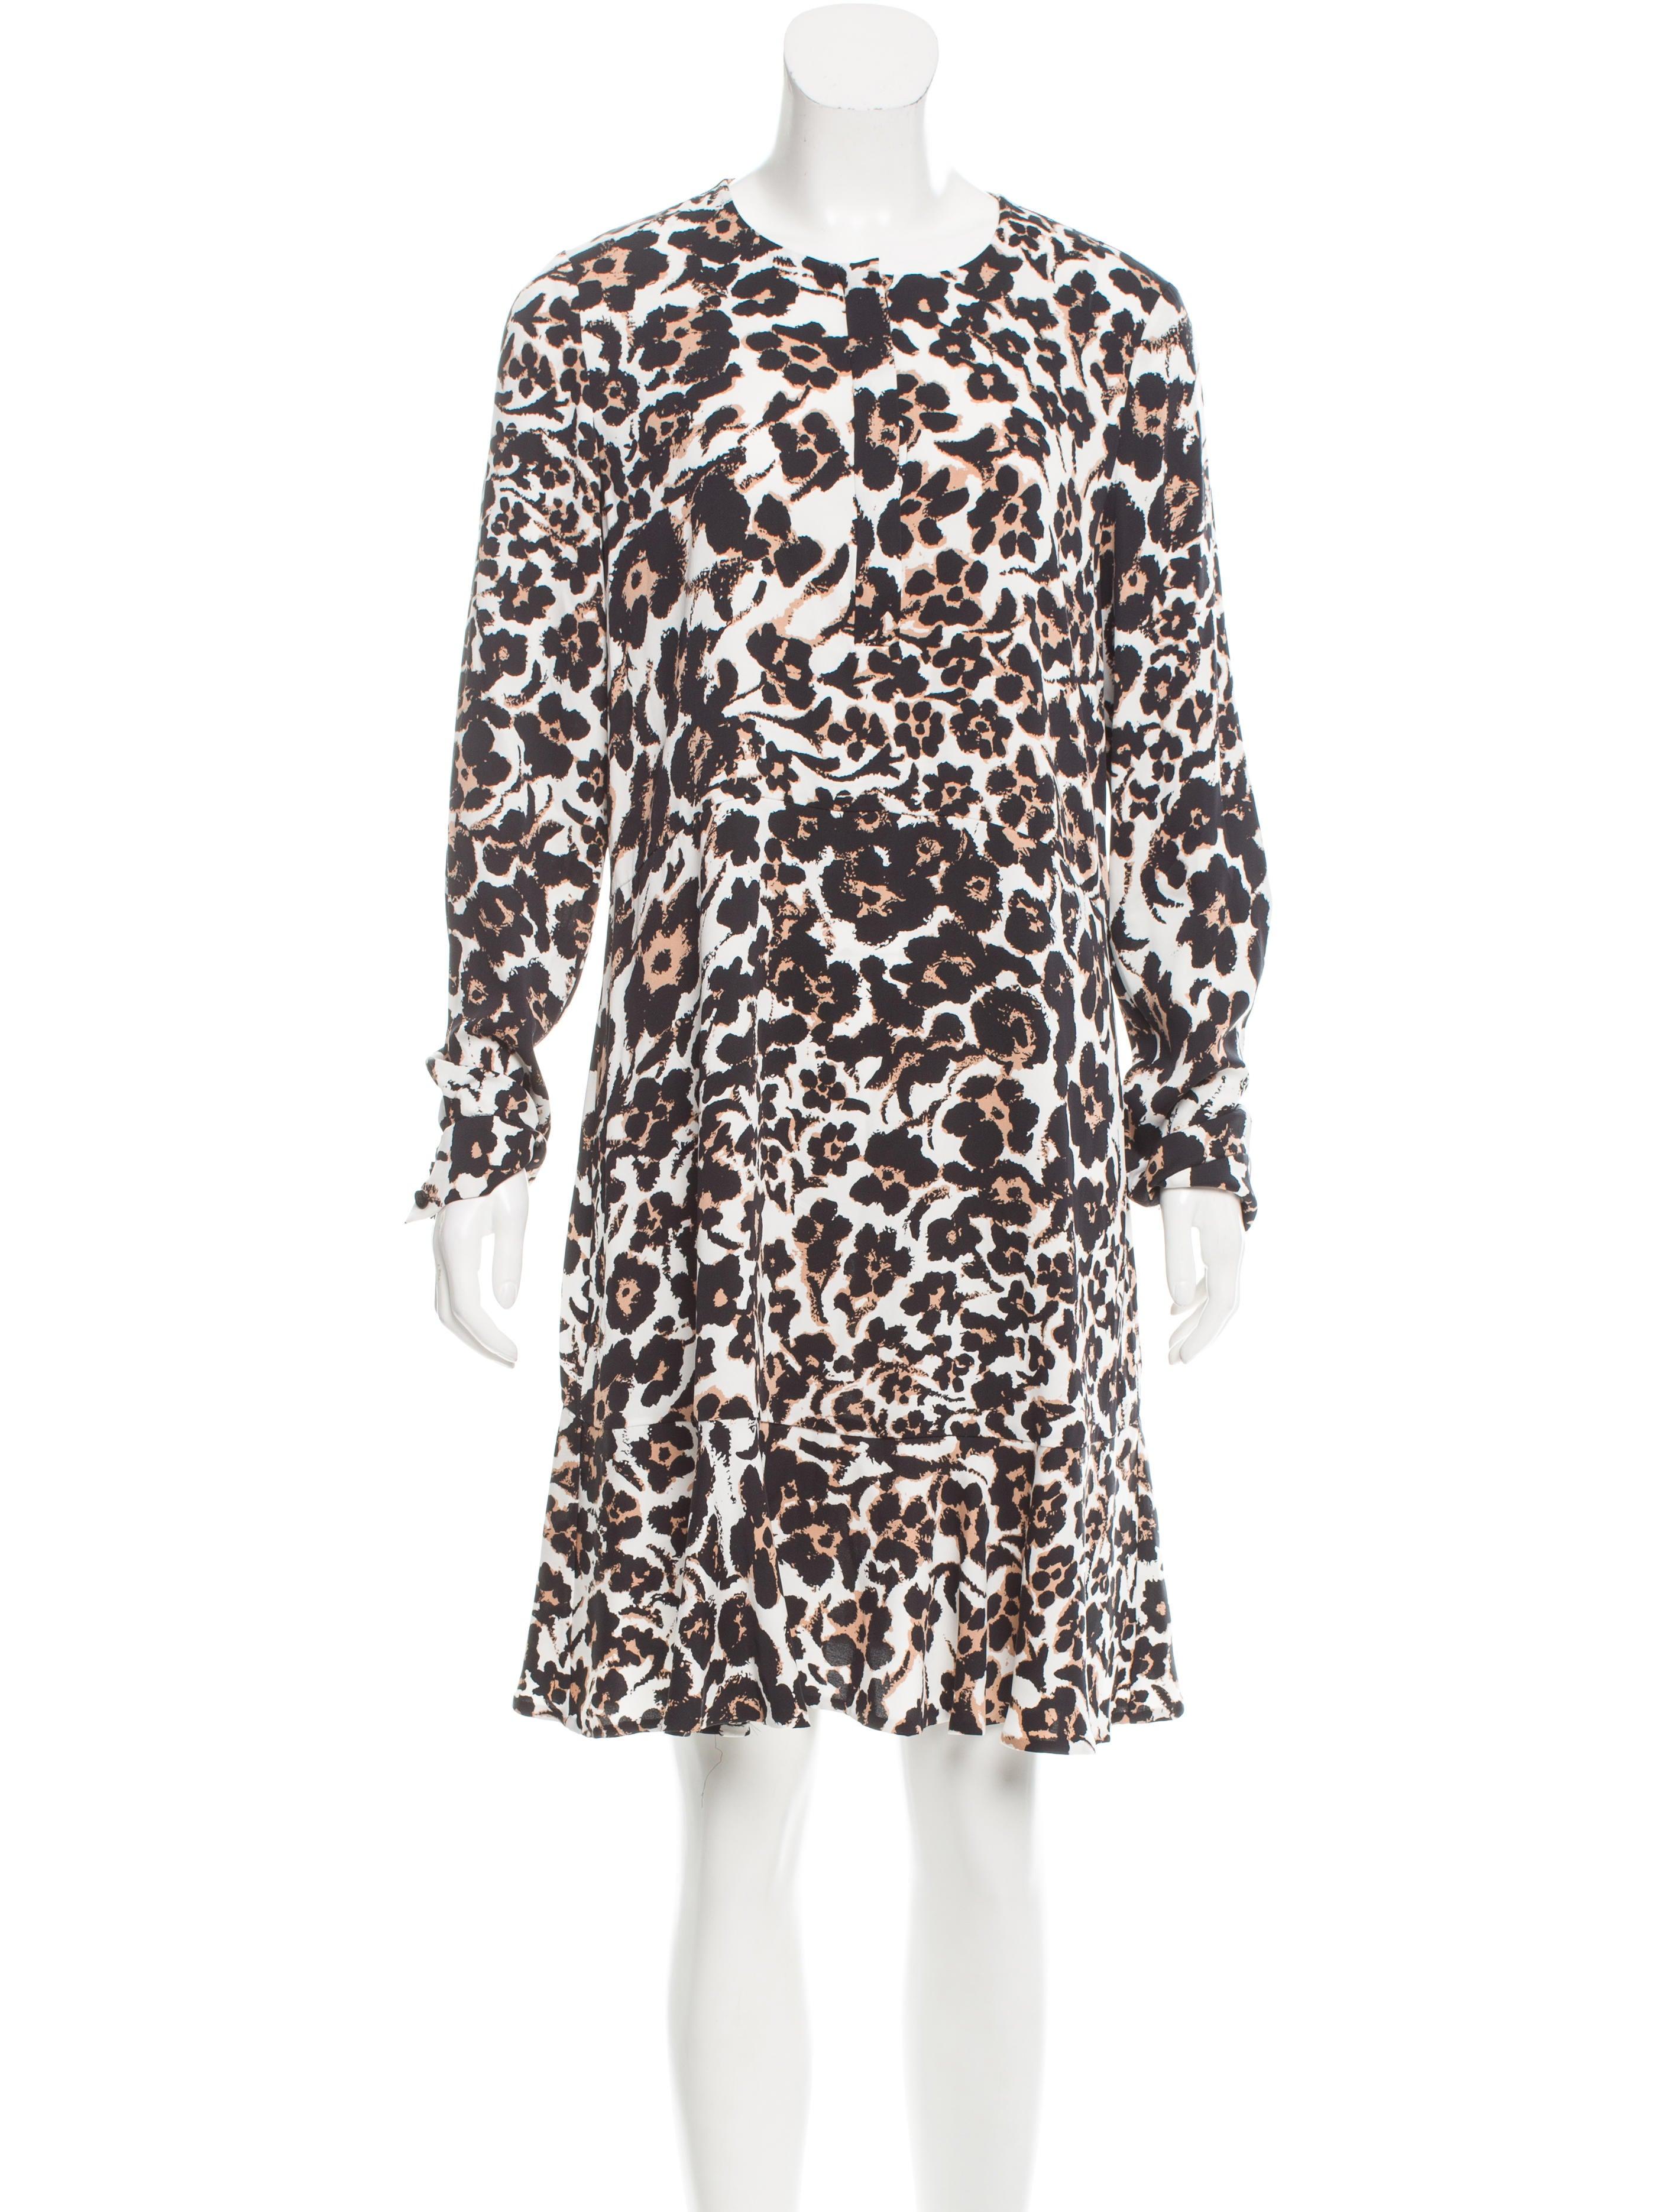 Diane von furstenberg silk leanne dress clothing for Diane von furstenberg shirt